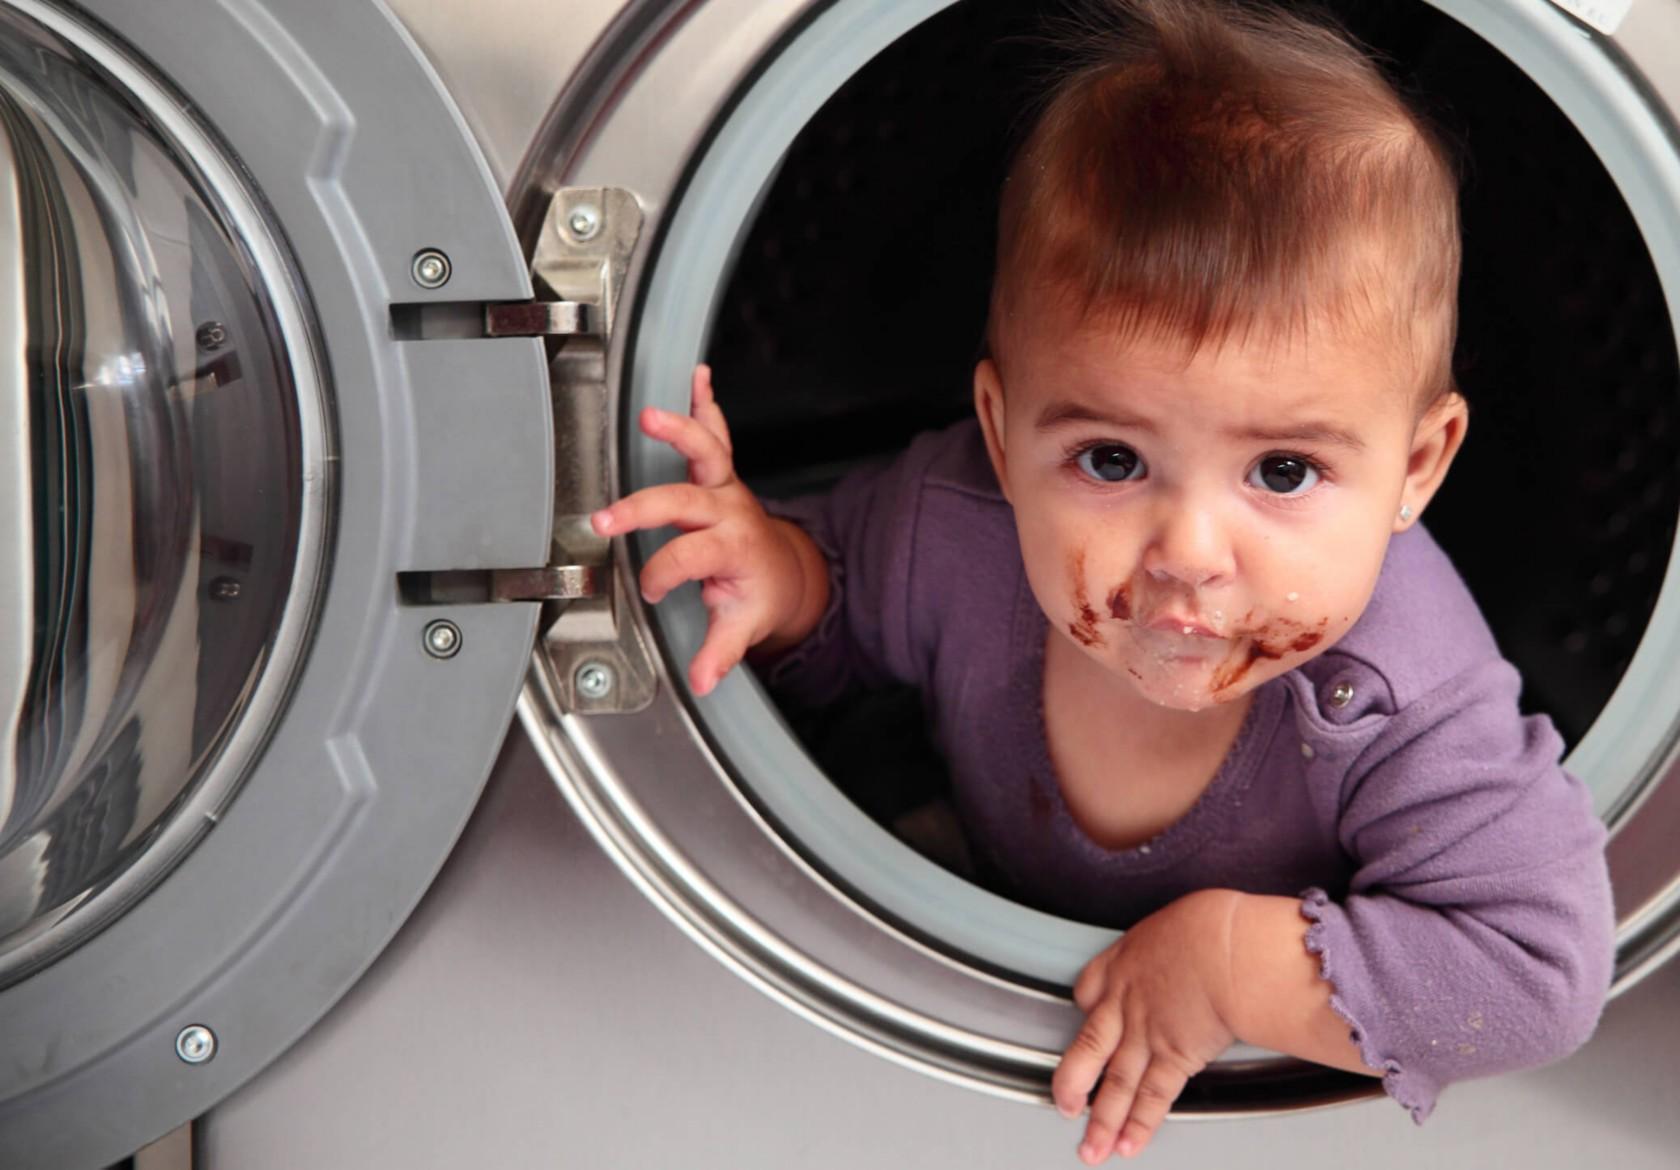 Kleinkind mit schokoladenverschmiertem Mund guckt aus einer Waschtrommel heraus